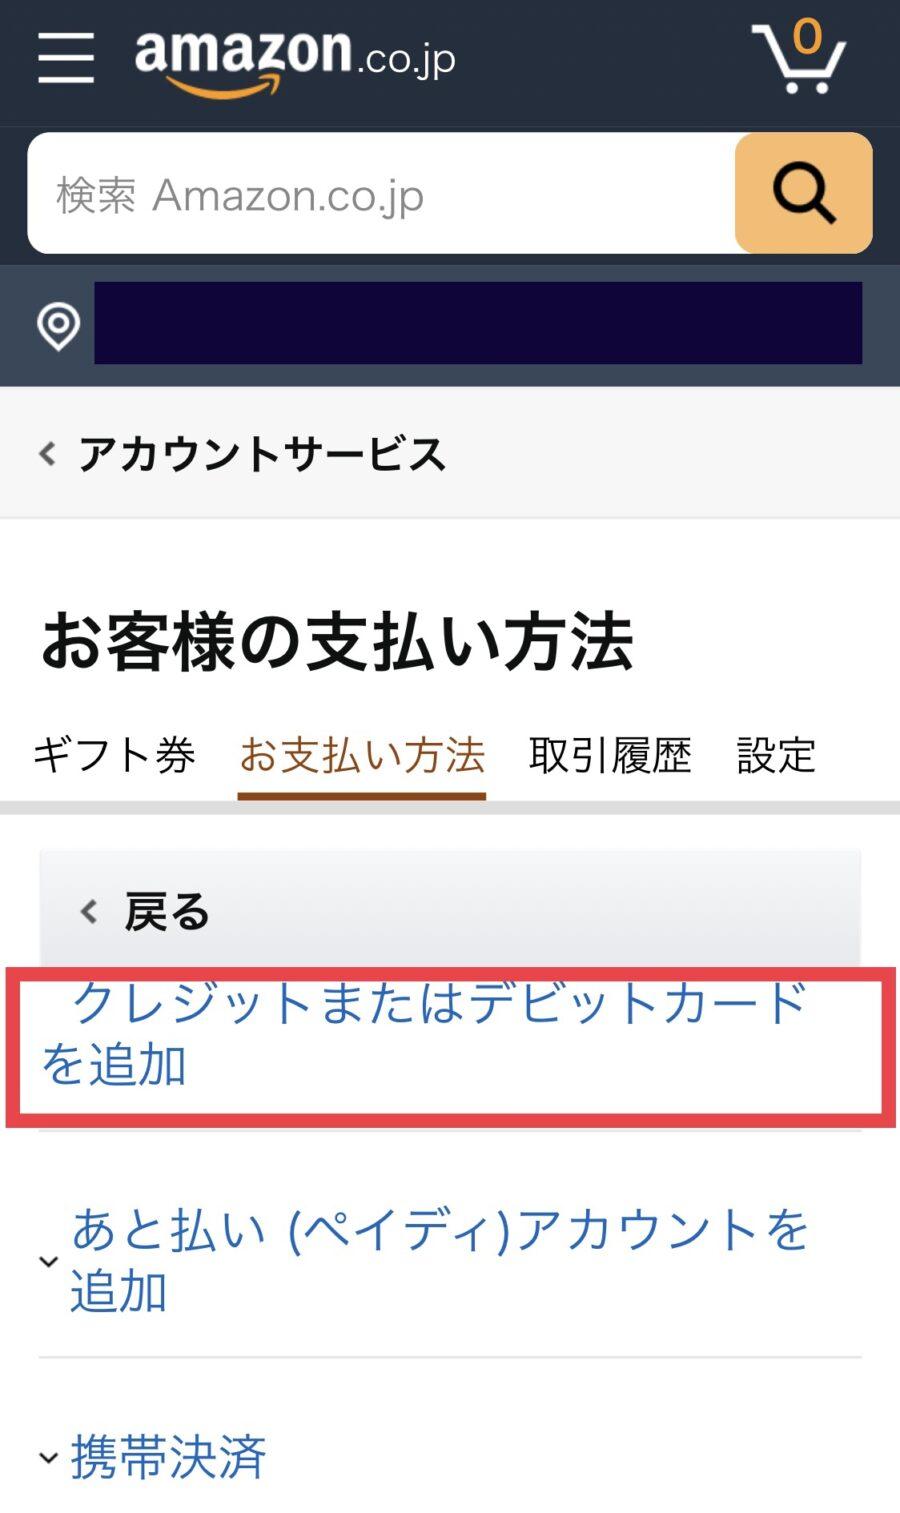 Amazon(アマゾン)のクレジットカード追加・変更方法5